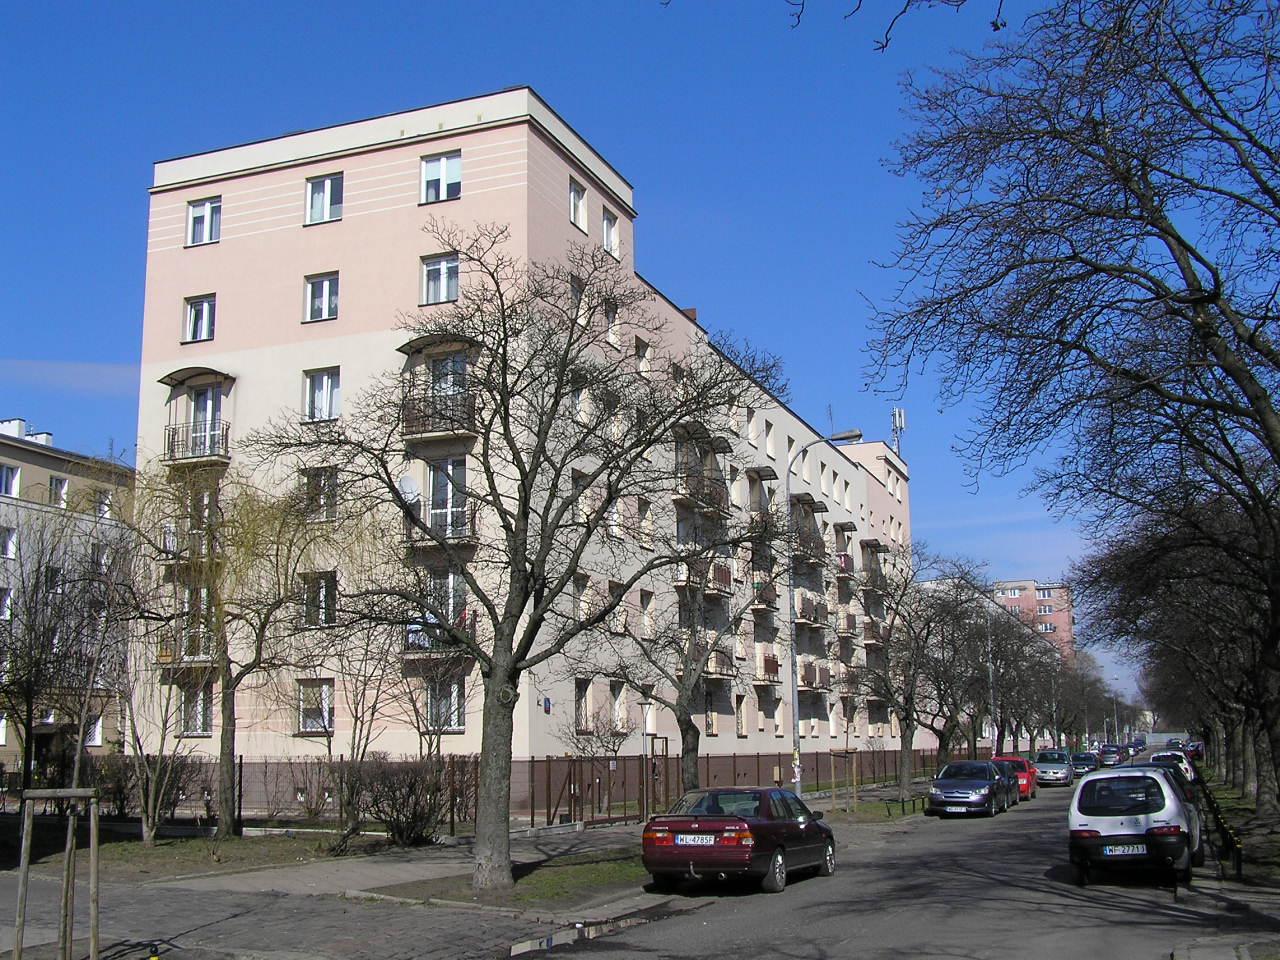 Budynek przy ulicy Siennickiej 19 na Grochowie